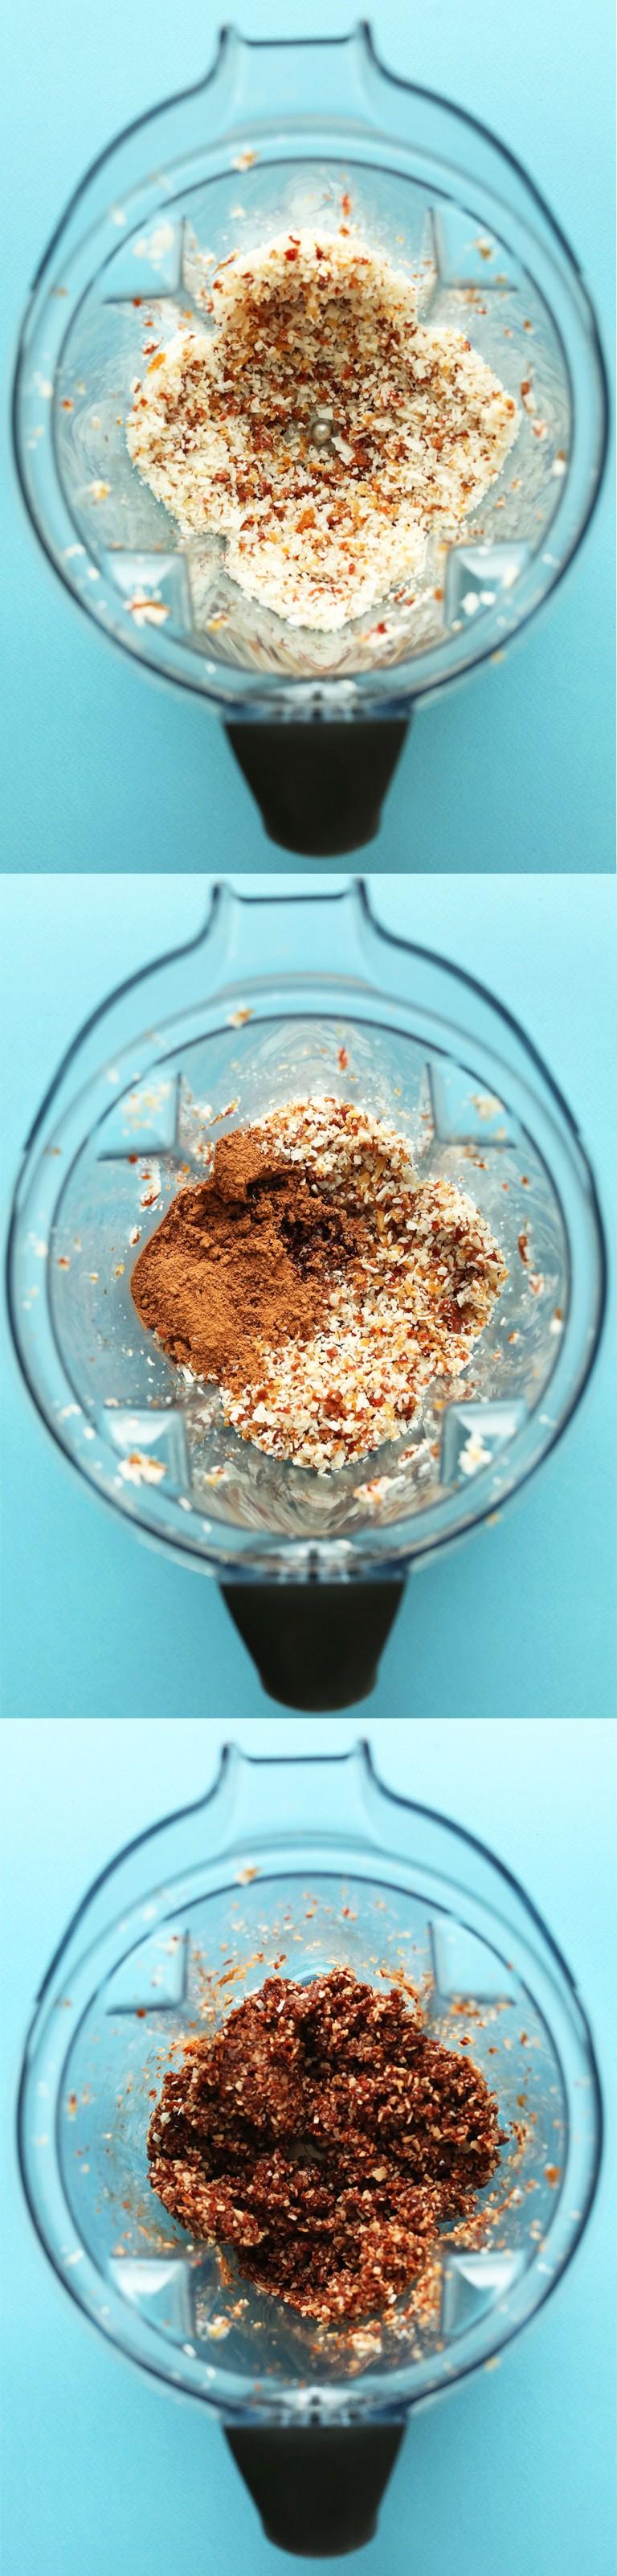 Большие сыроедческие шоколадные макаруны